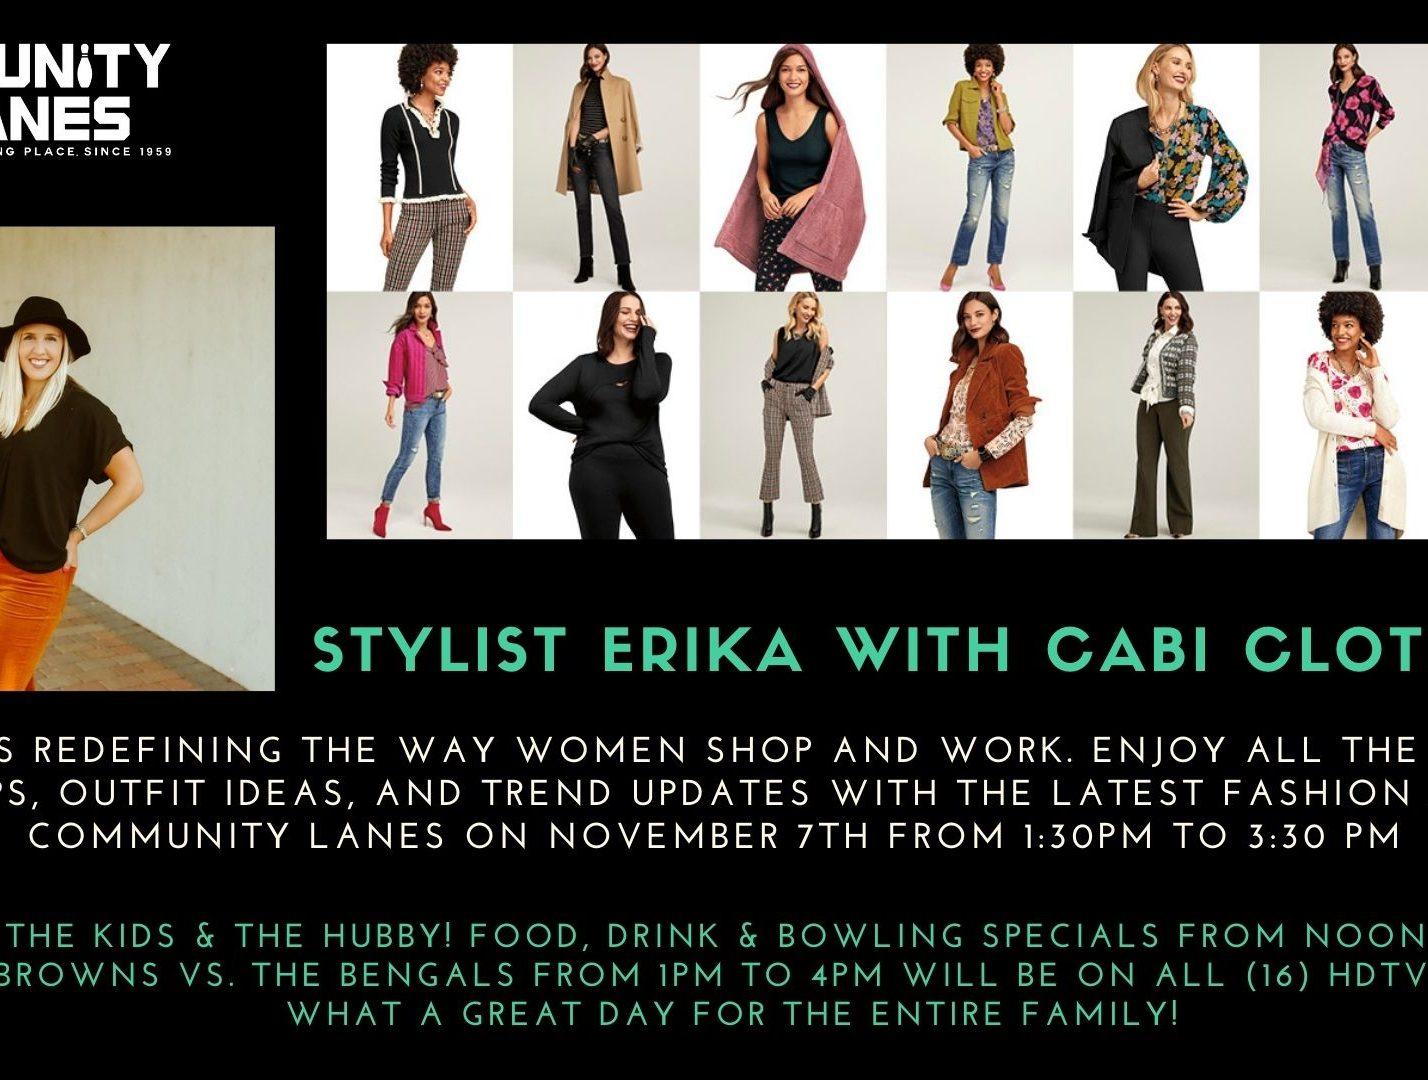 stylist erika with cabi clothing